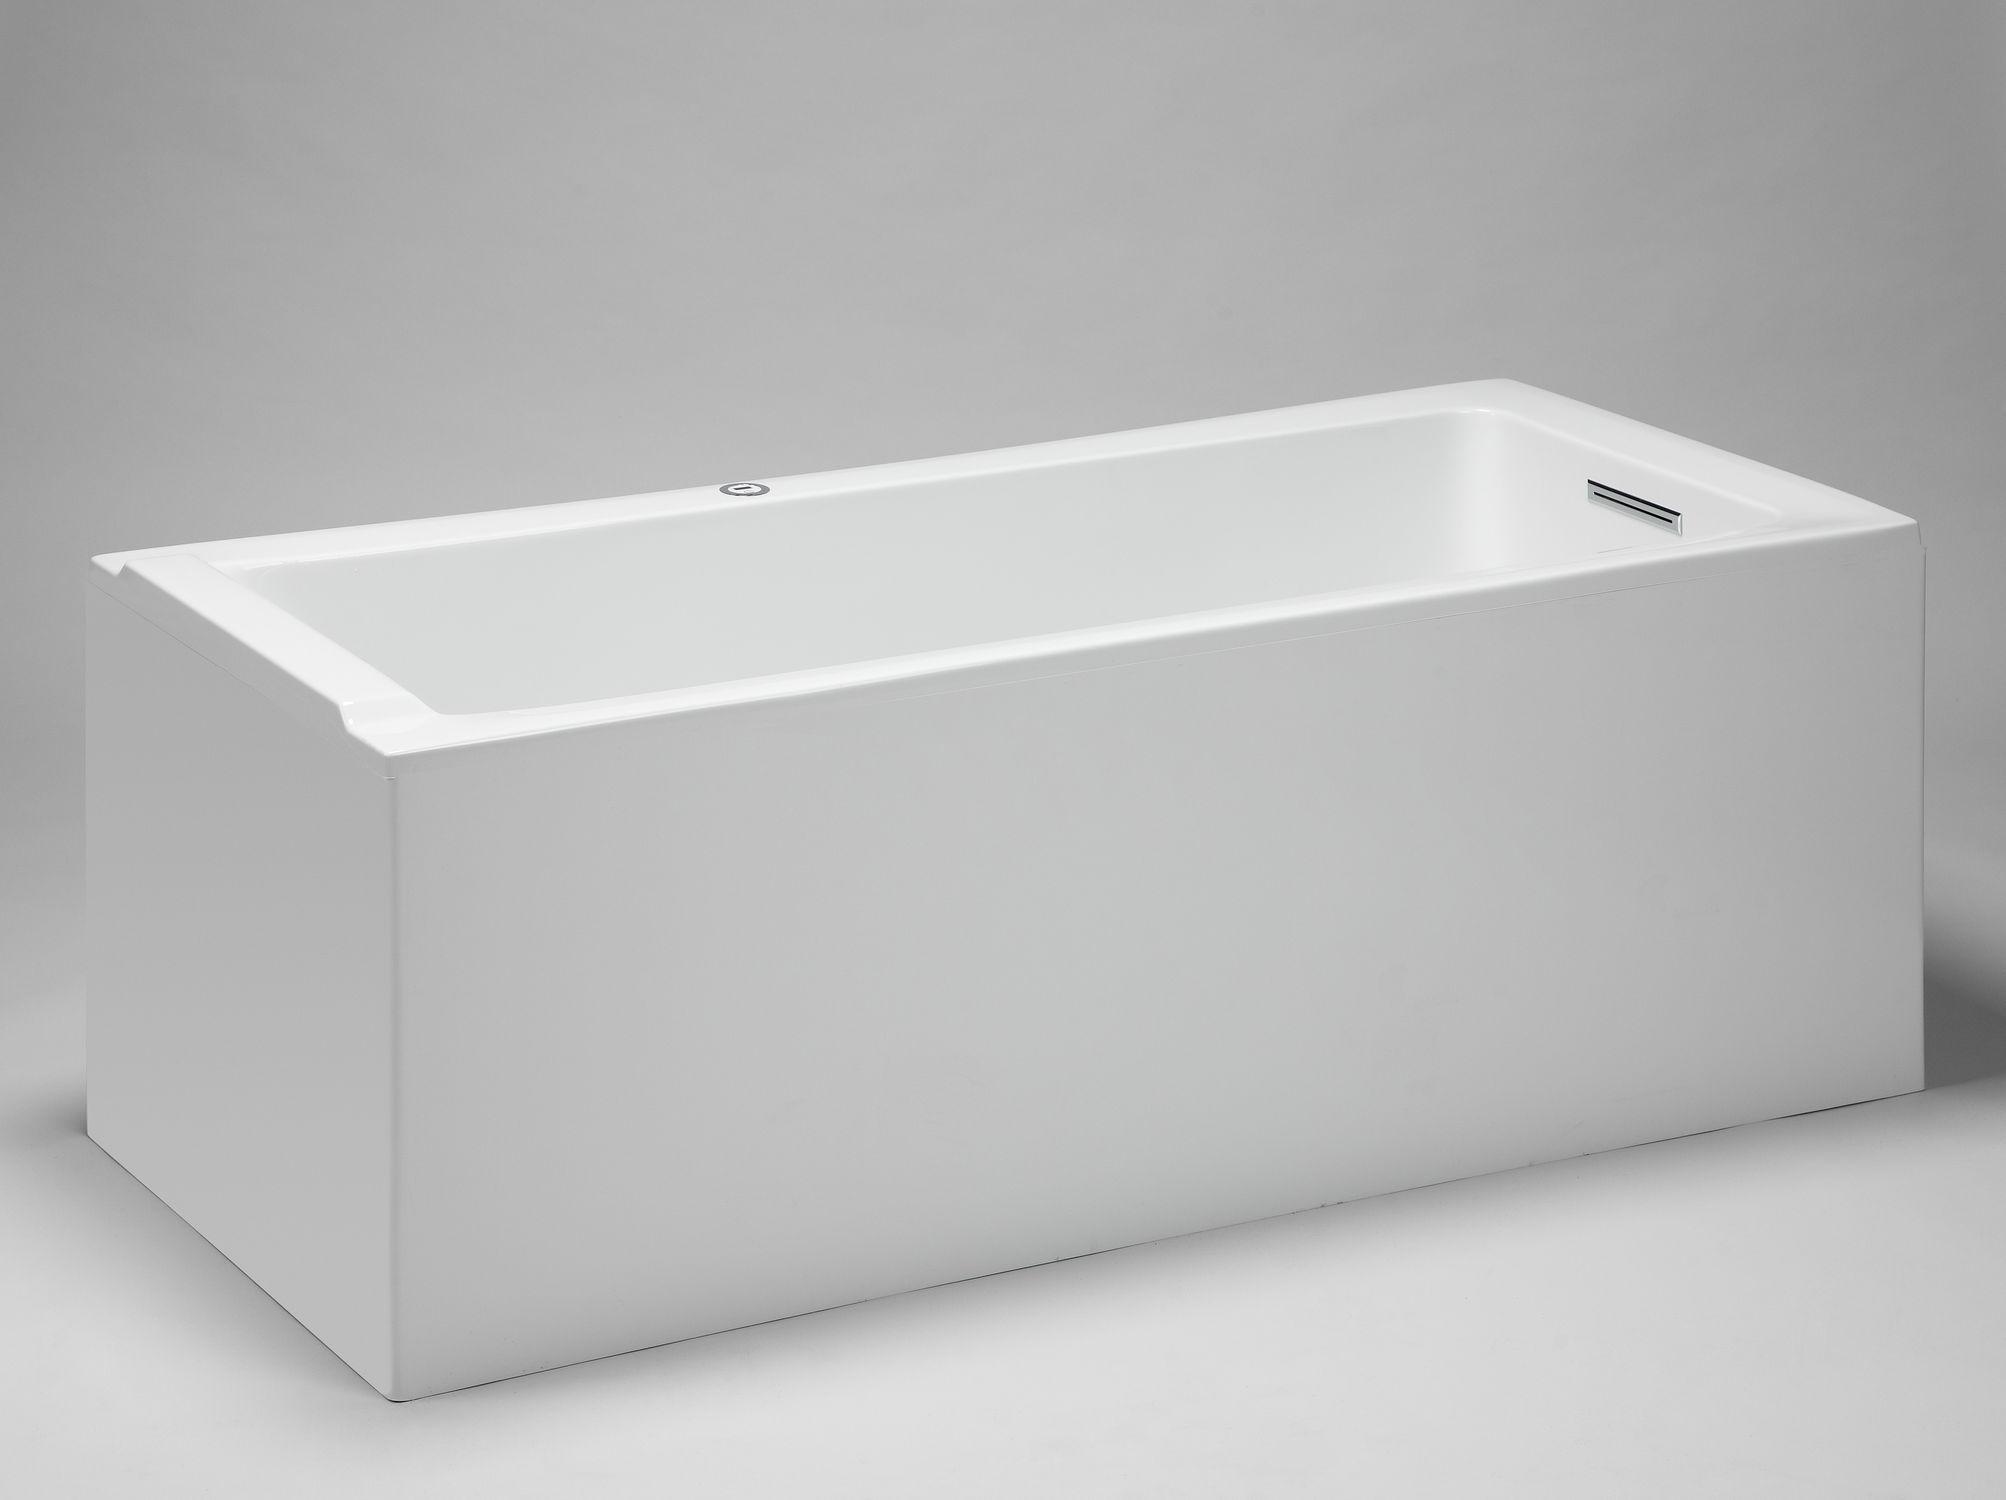 baignoire en résine acrylique / balnéo - esparron - condor balneo